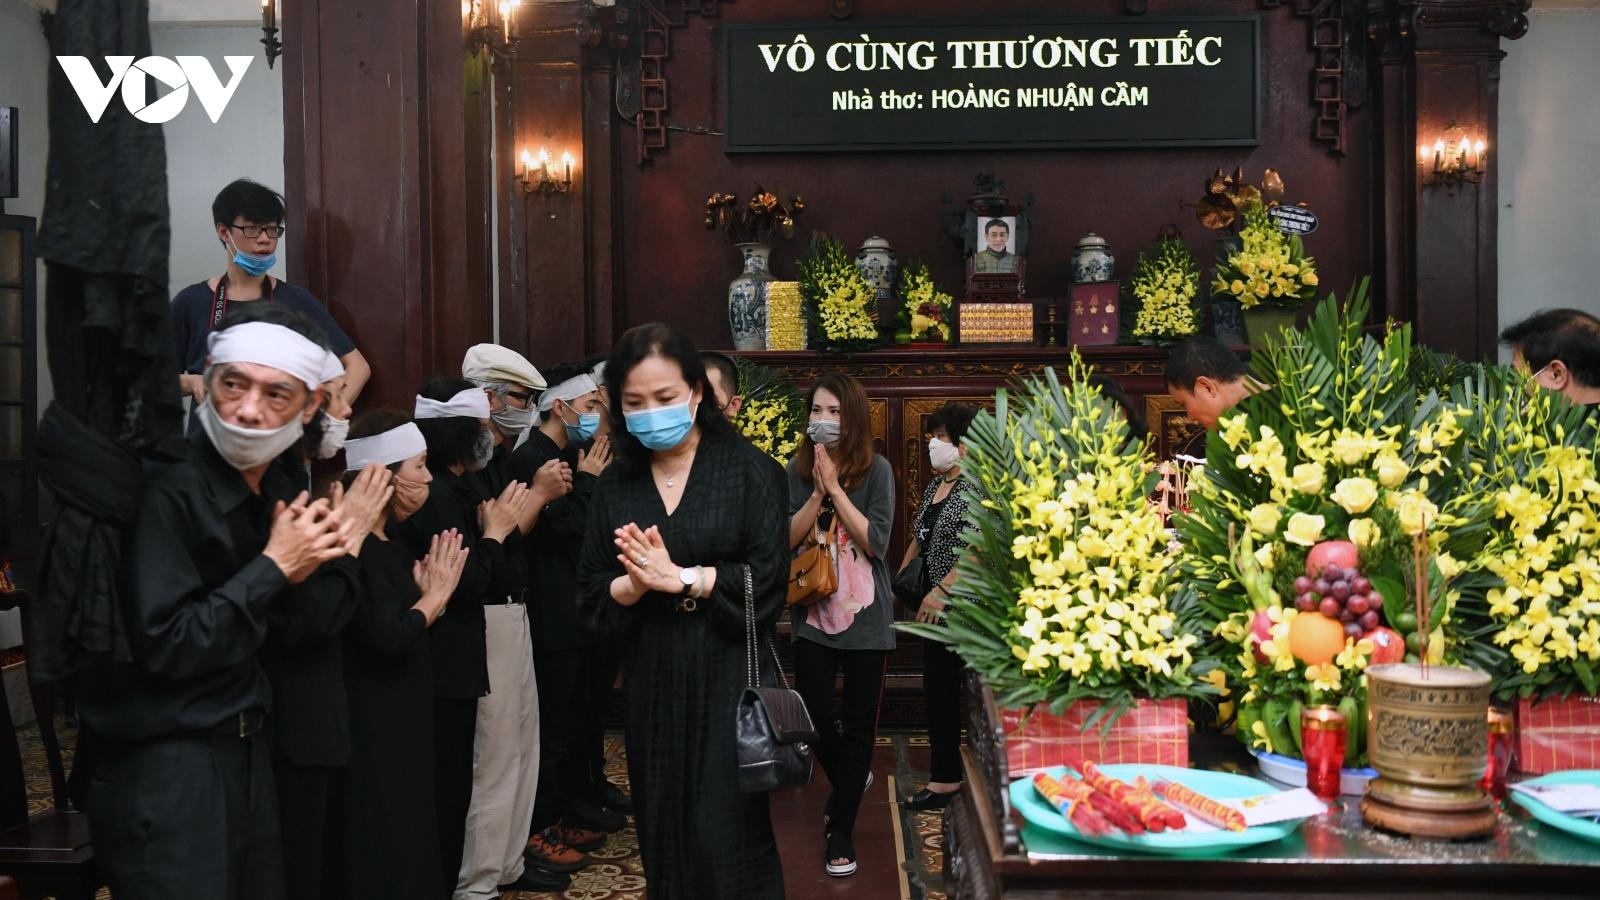 Tiễn đưa nhà thơ Hoàng Nhuận Cầm về nơi an nghỉ cuối cùng